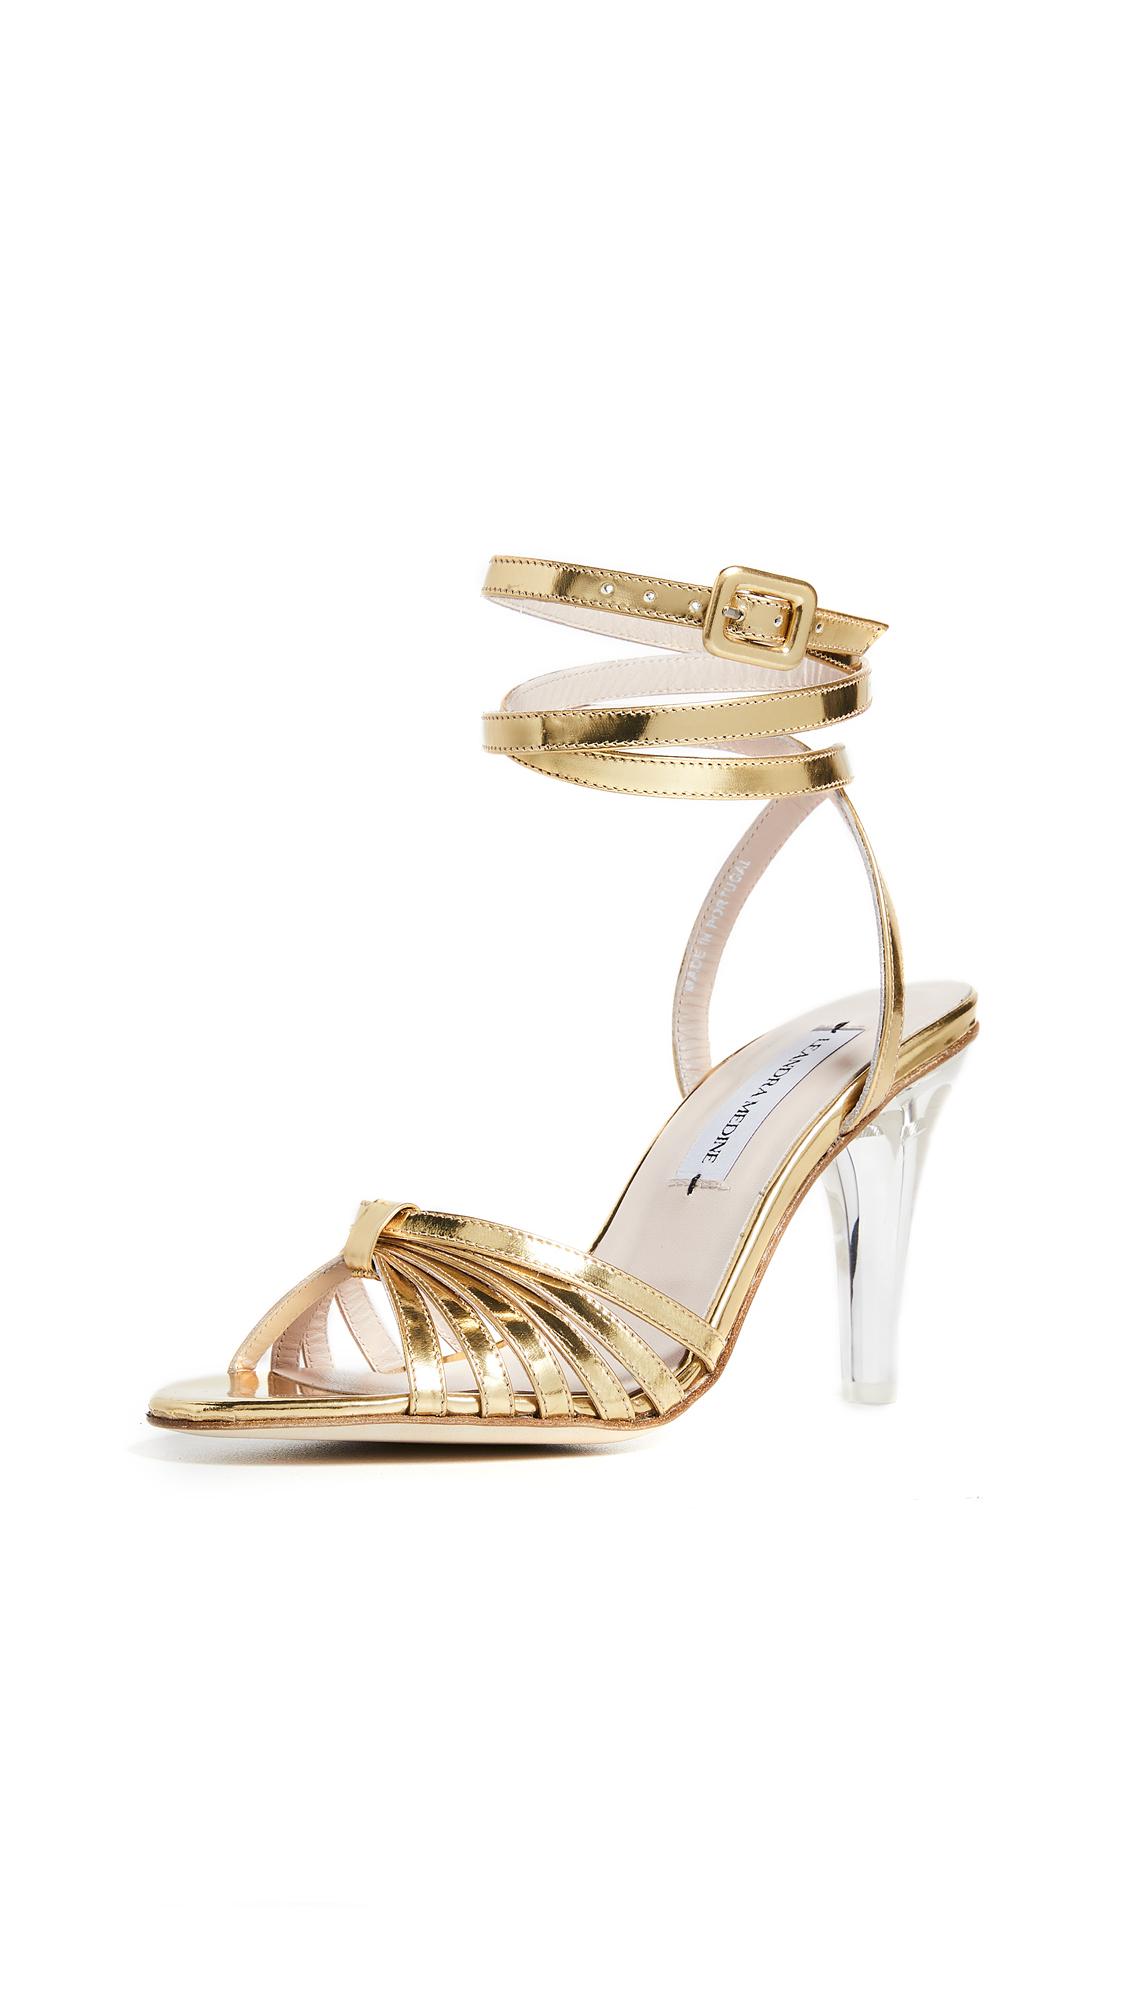 Leandra Medine Caged Heeled Sandals - Gold